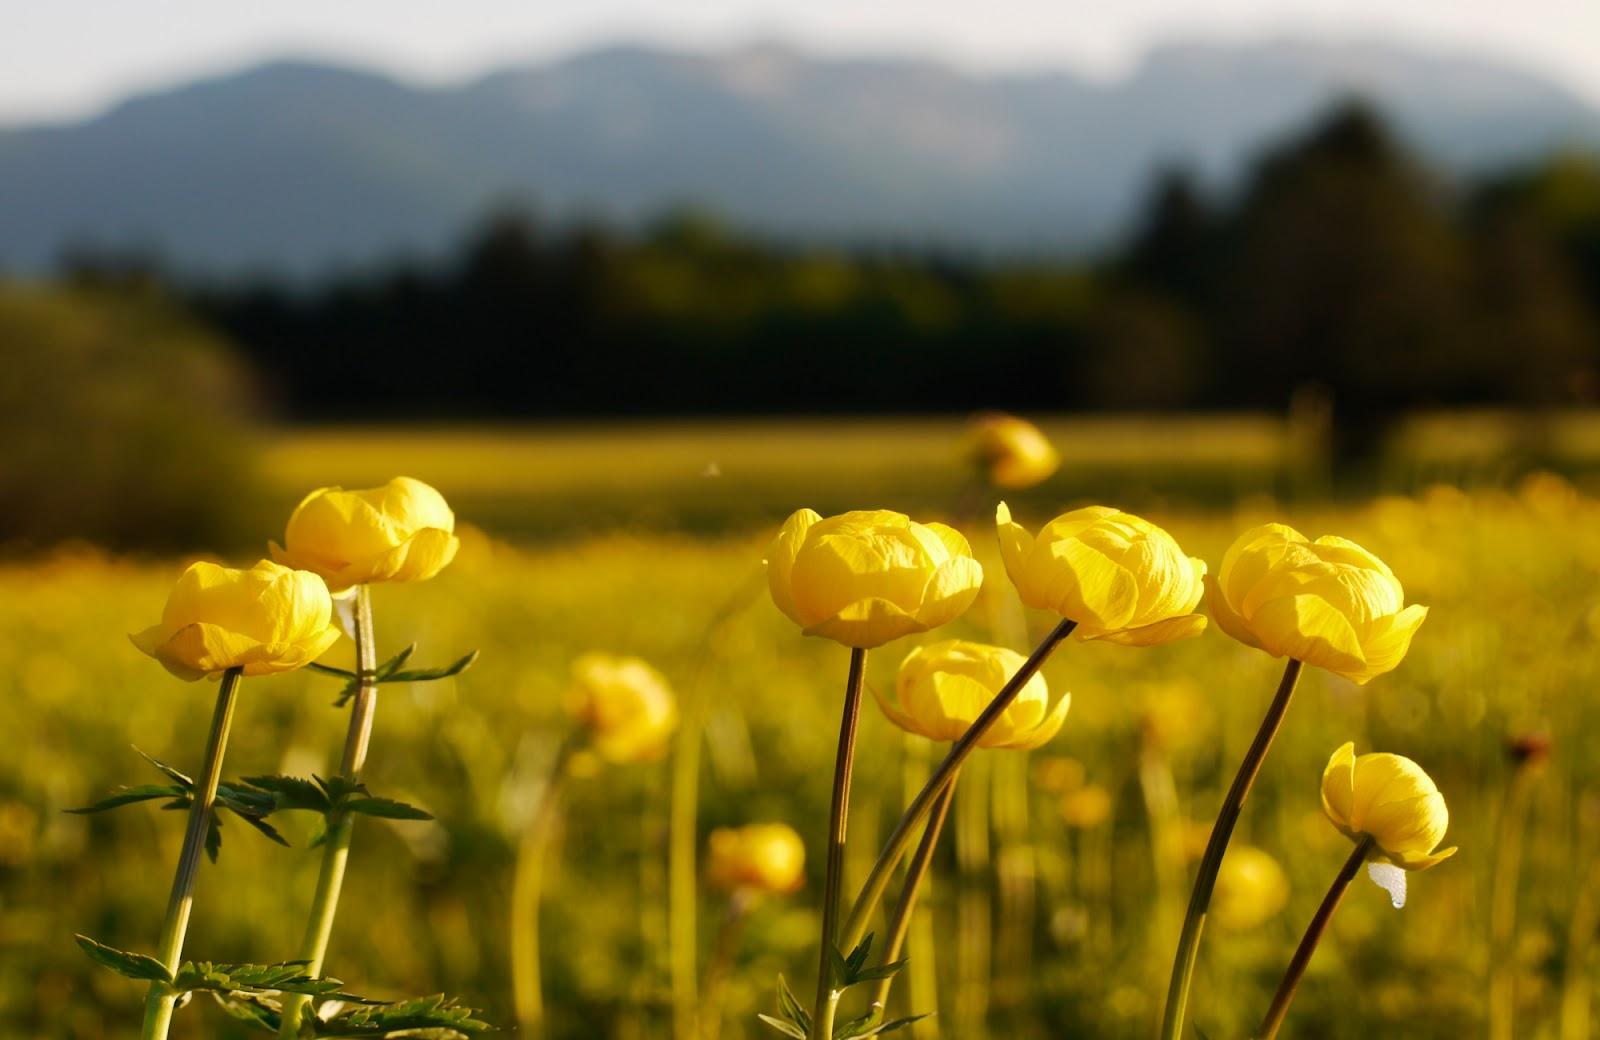 Yellow flower meadow 20398 1600x1040px yellow flower meadow 20398 mightylinksfo